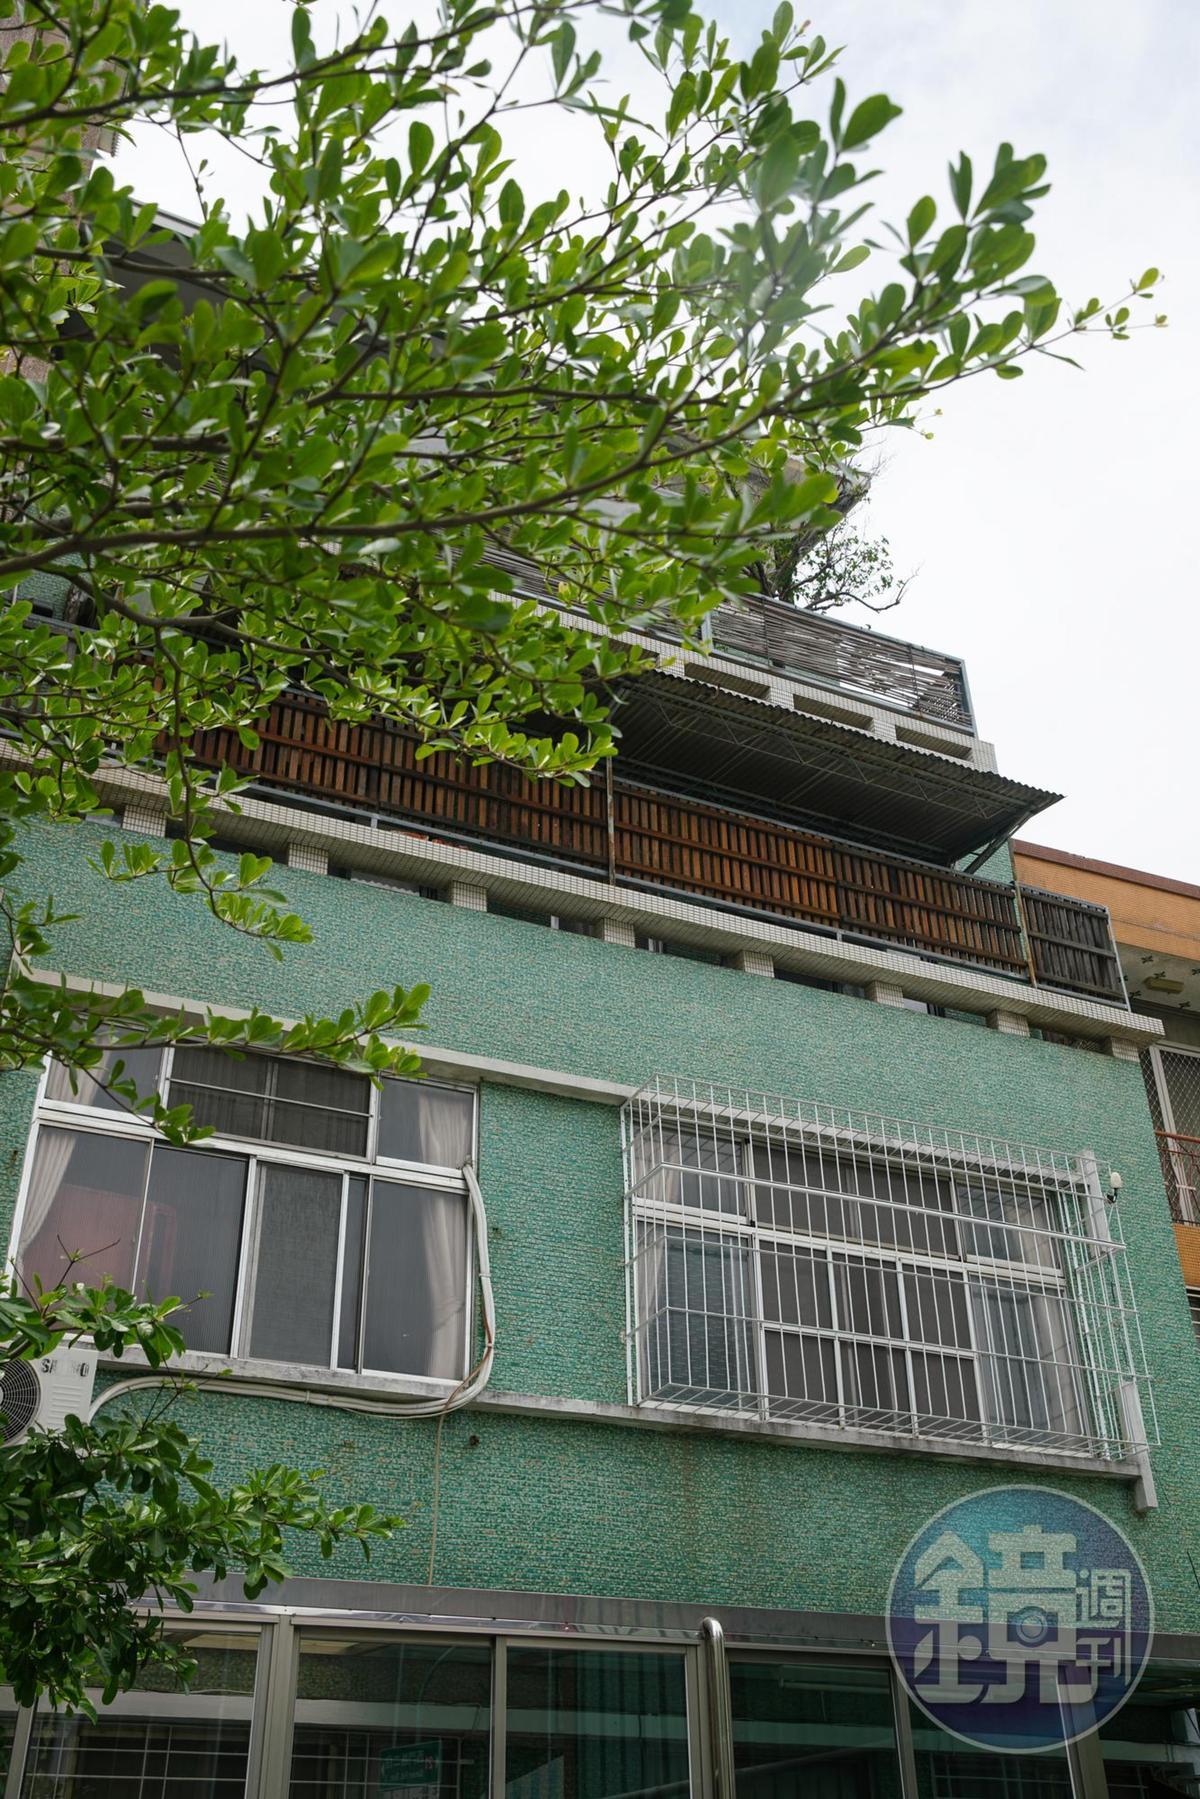 老屋外觀不起眼,當年是中西區第一棟公寓。